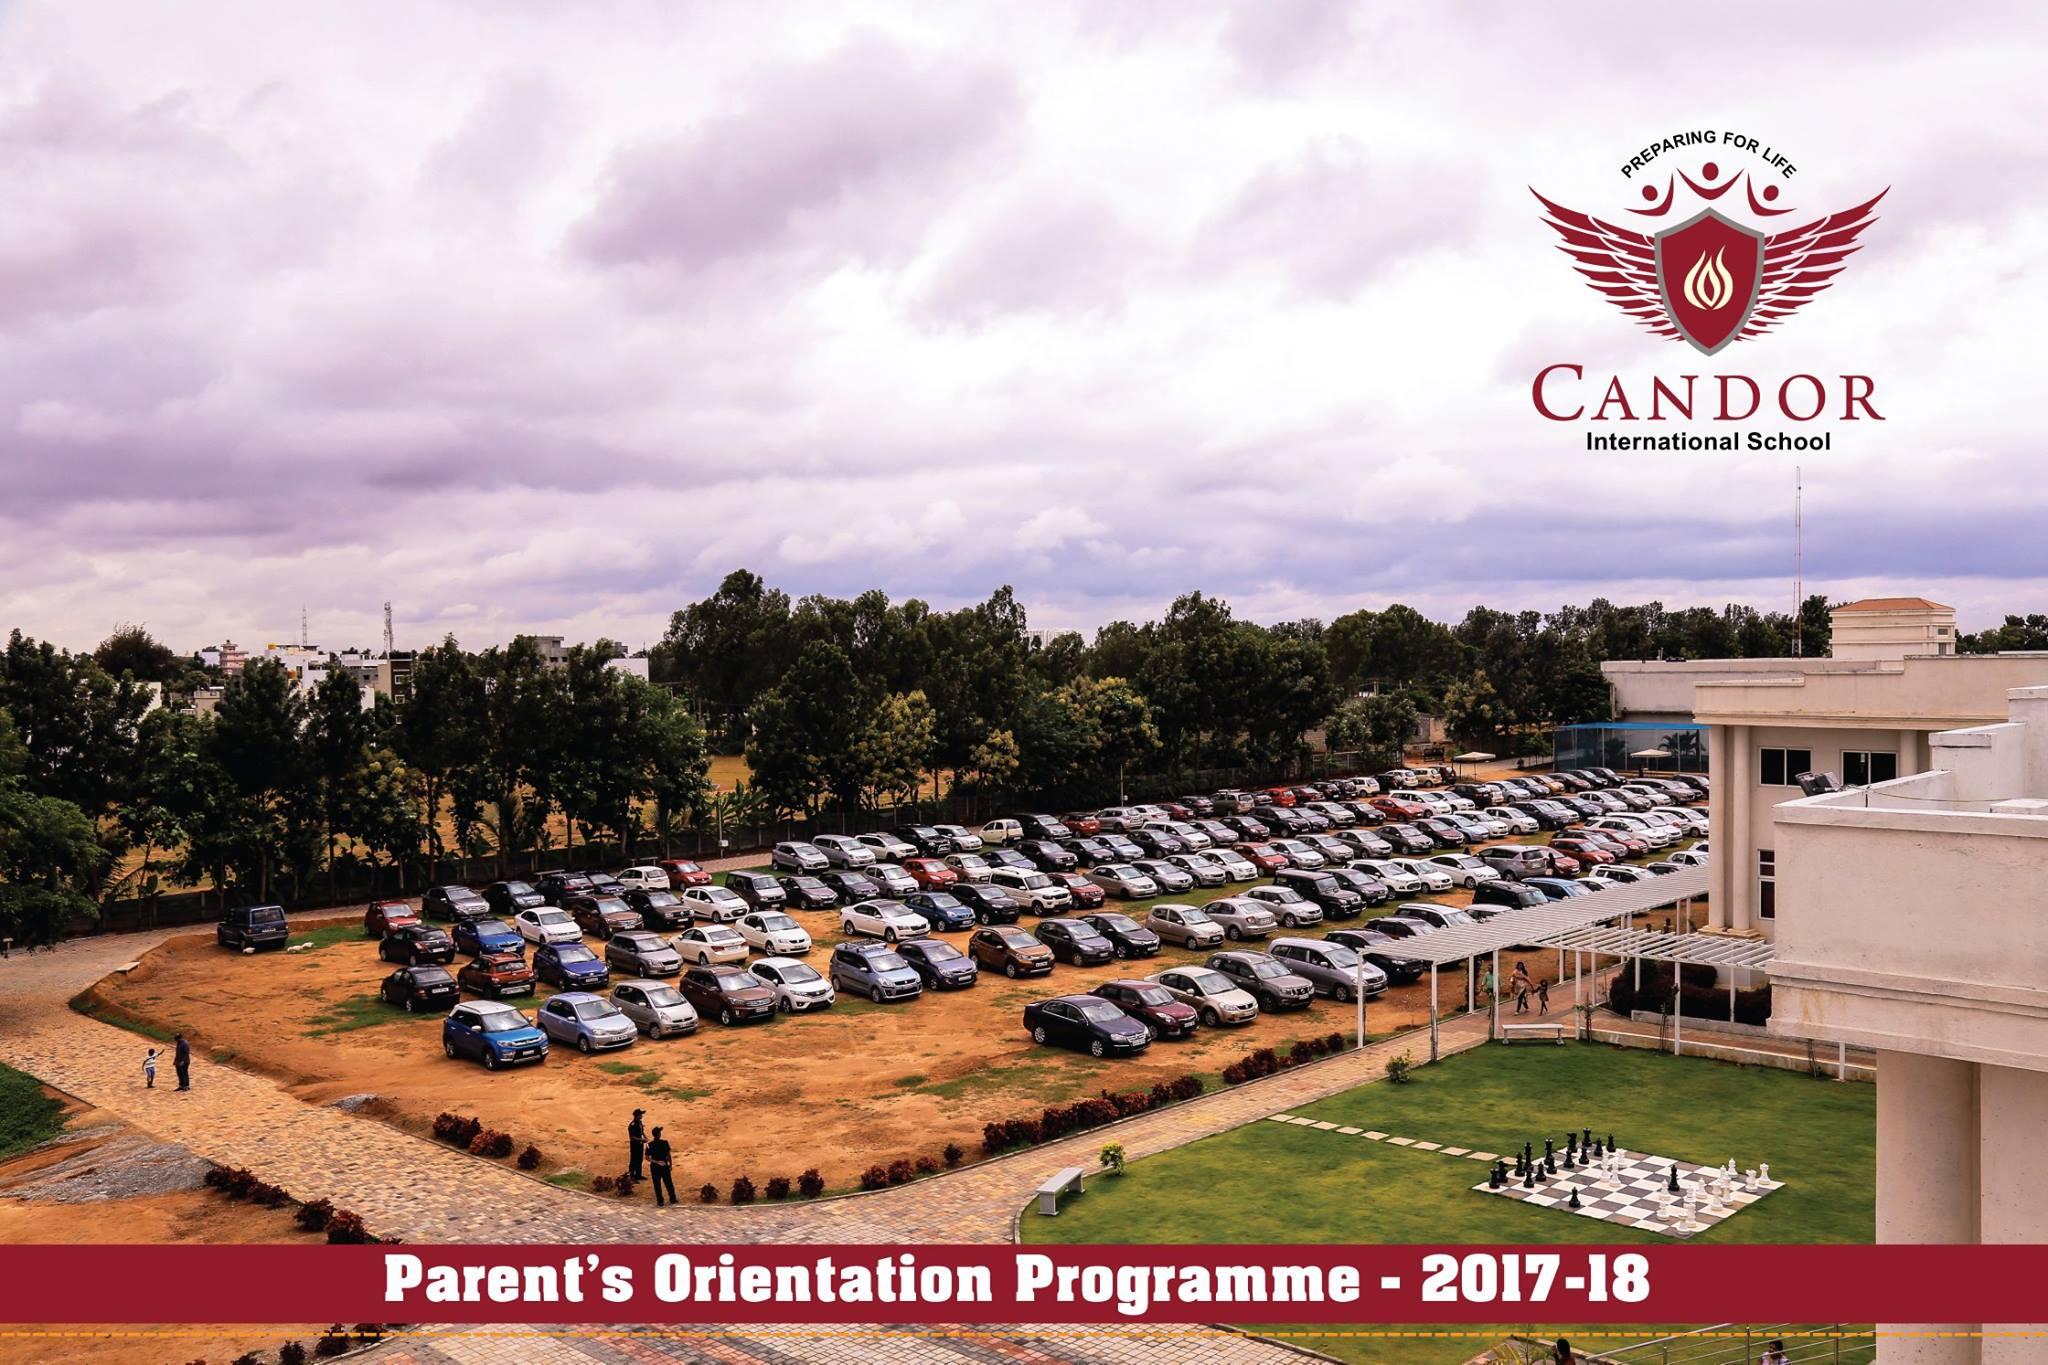 Parent's Orientation Programme - 2017-18.